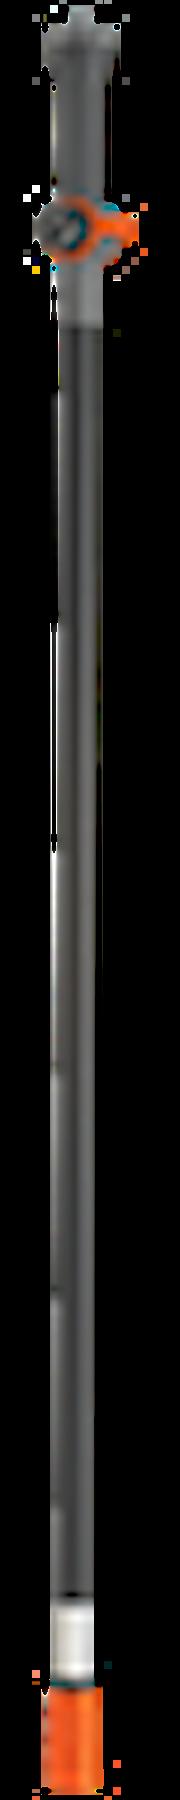 vattenfrande-skaft-150-cm-1